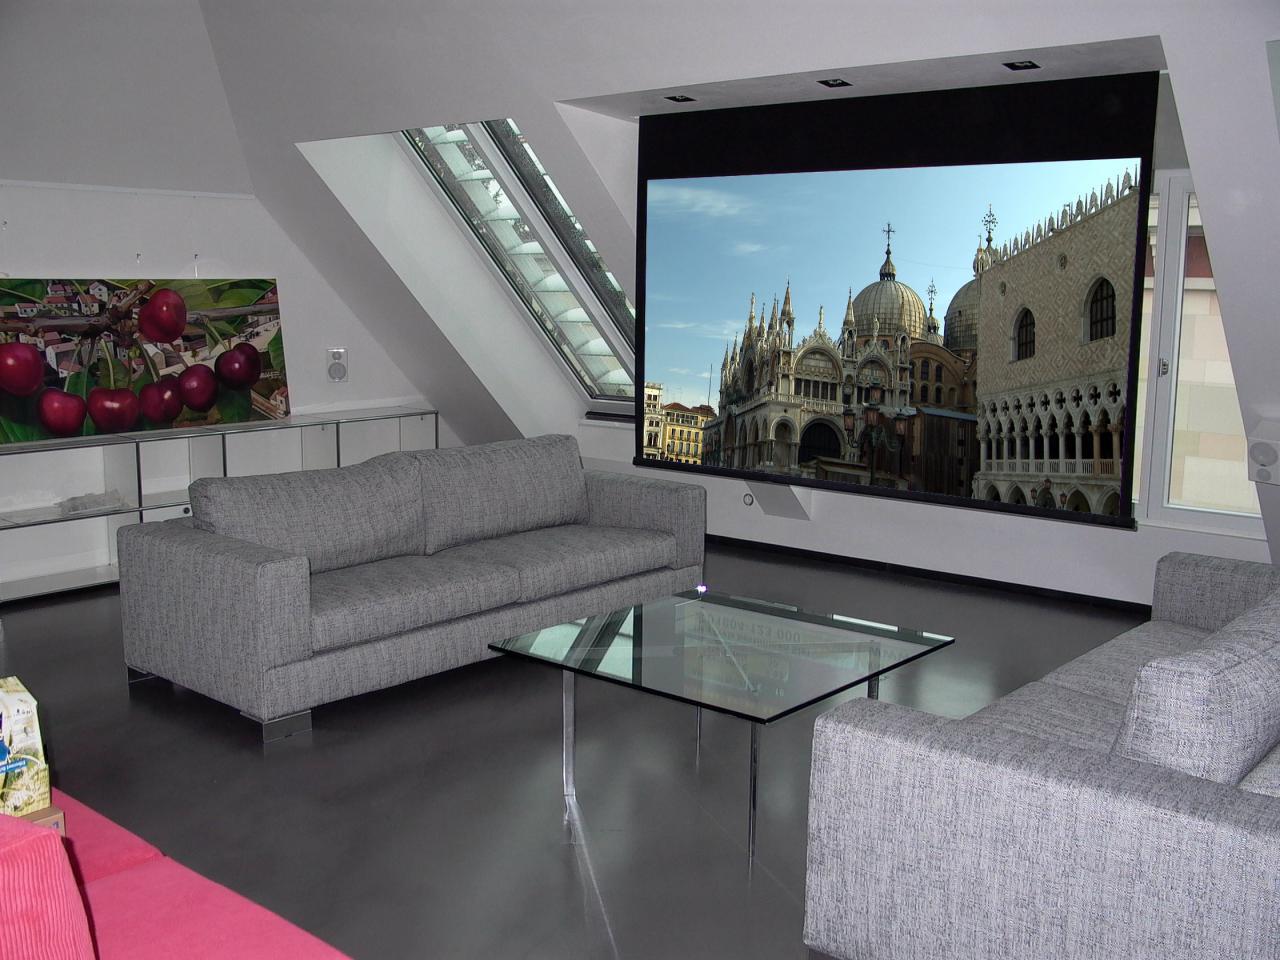 Wohnzimmer Fernseher Vor Fenster Midir